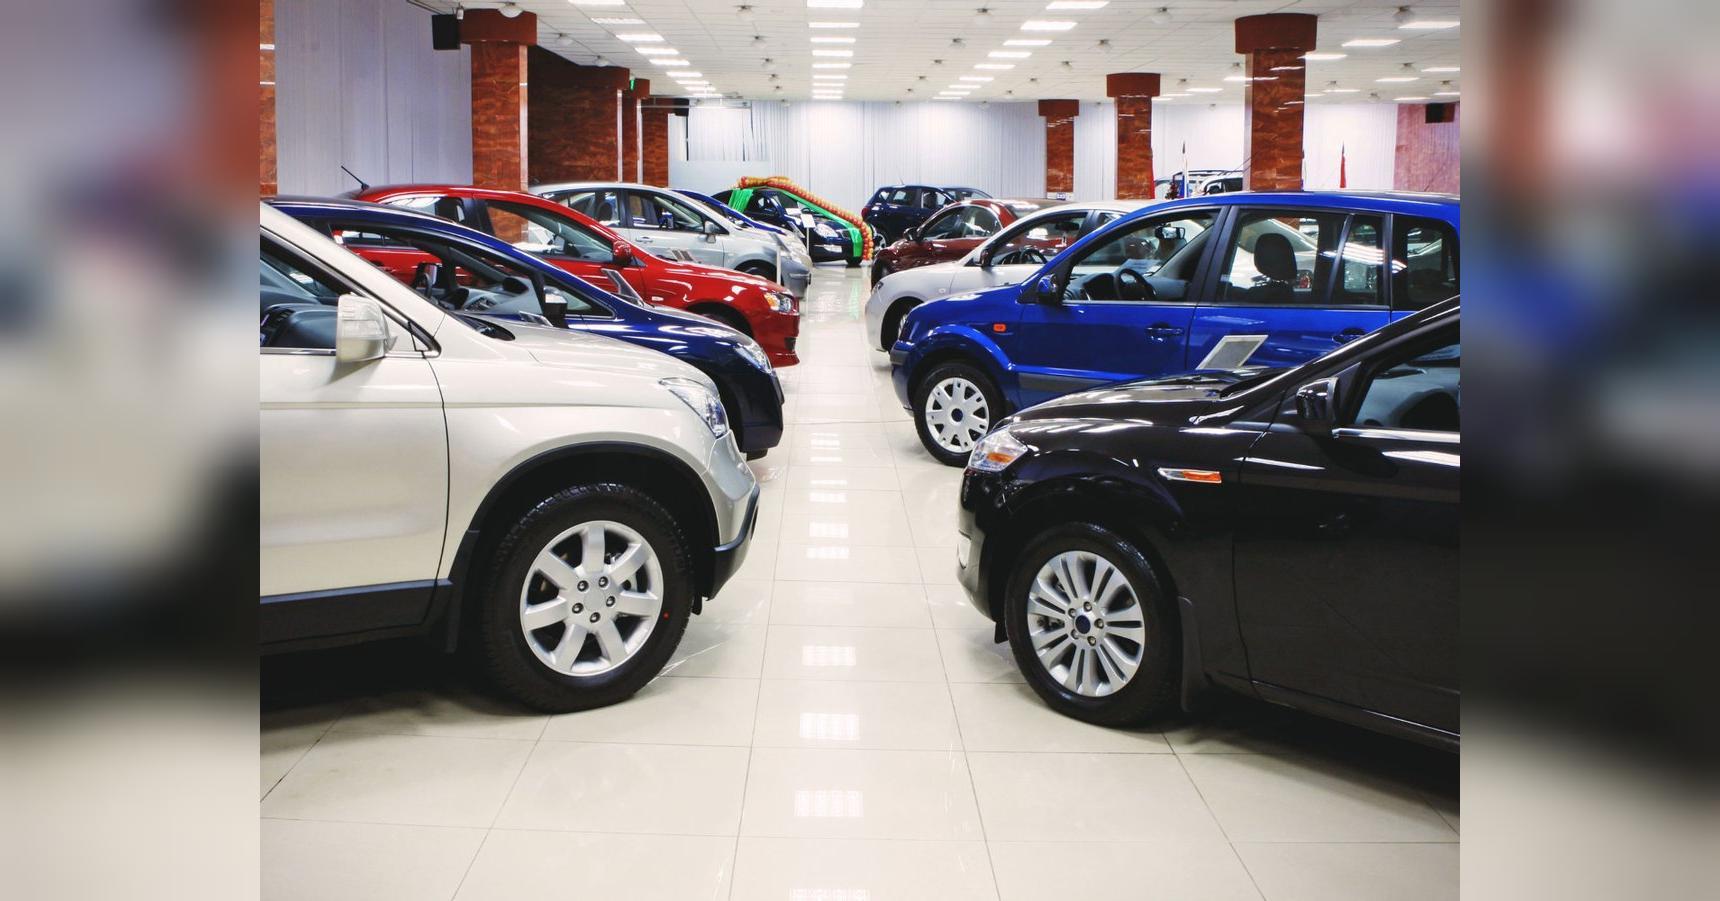 Как взять кредит на машину в автосалоне как получить кредиты бесплатно в coinsup